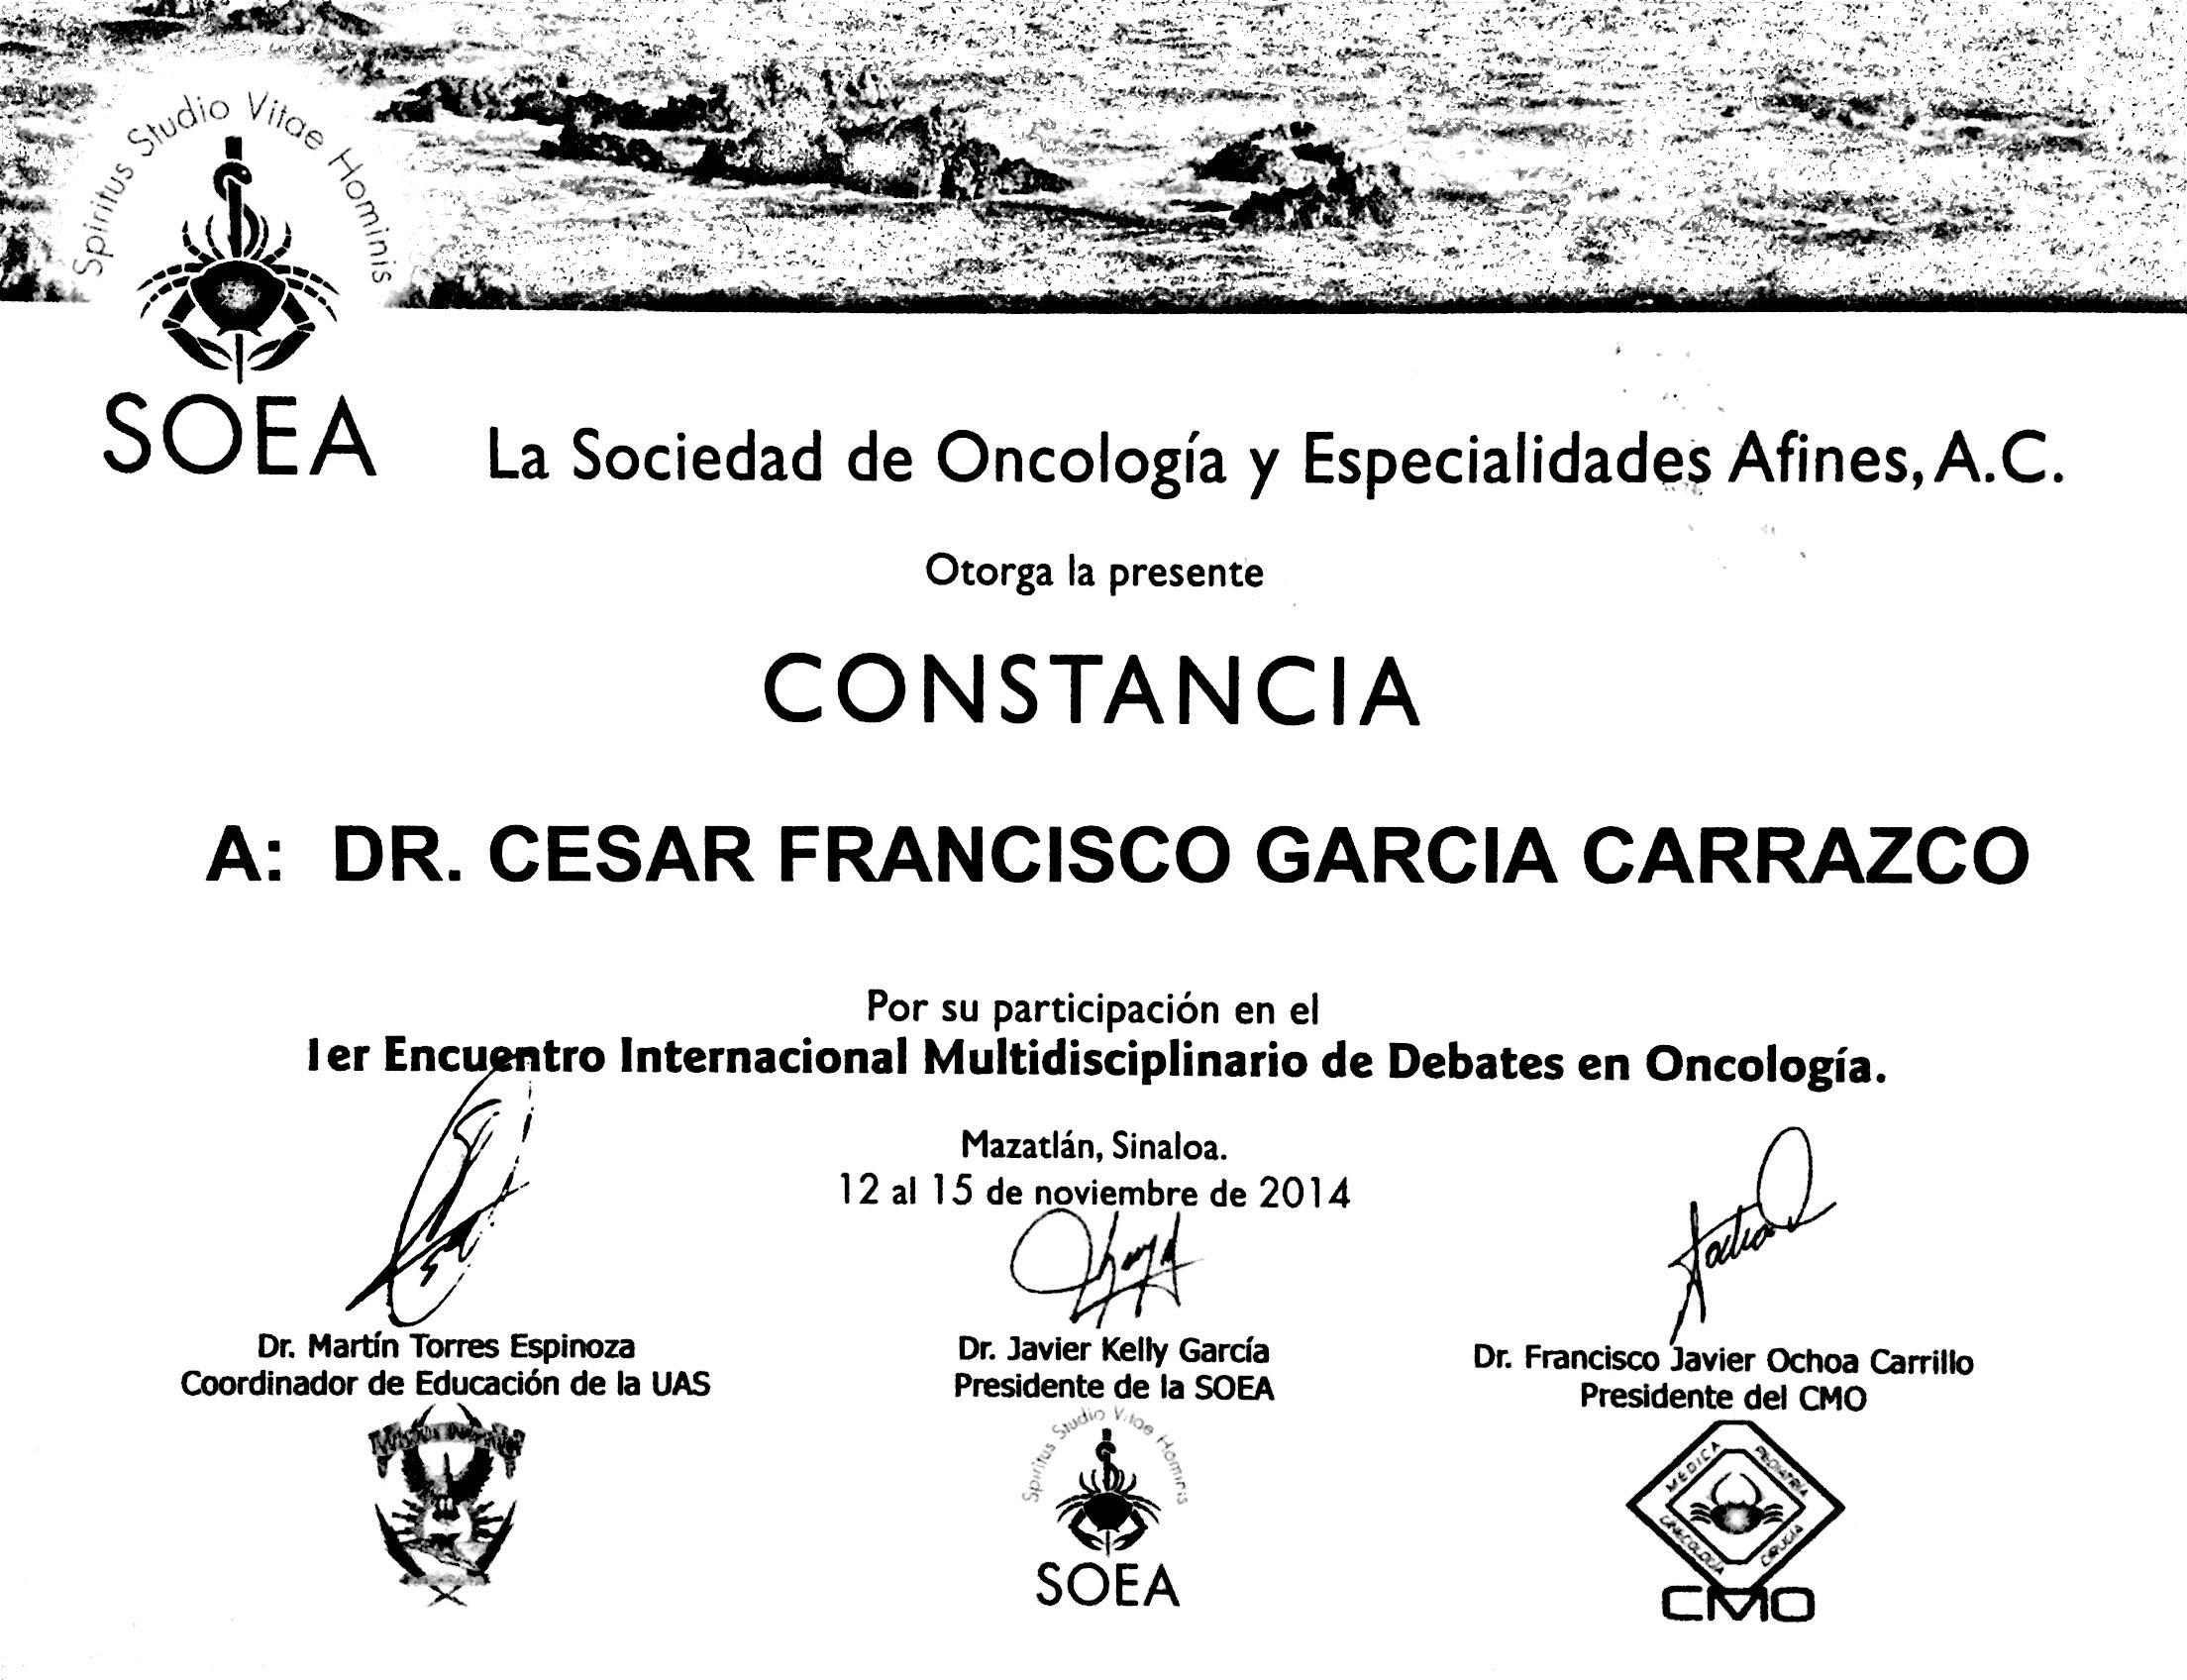 Dr. Garcia Carrazco_62